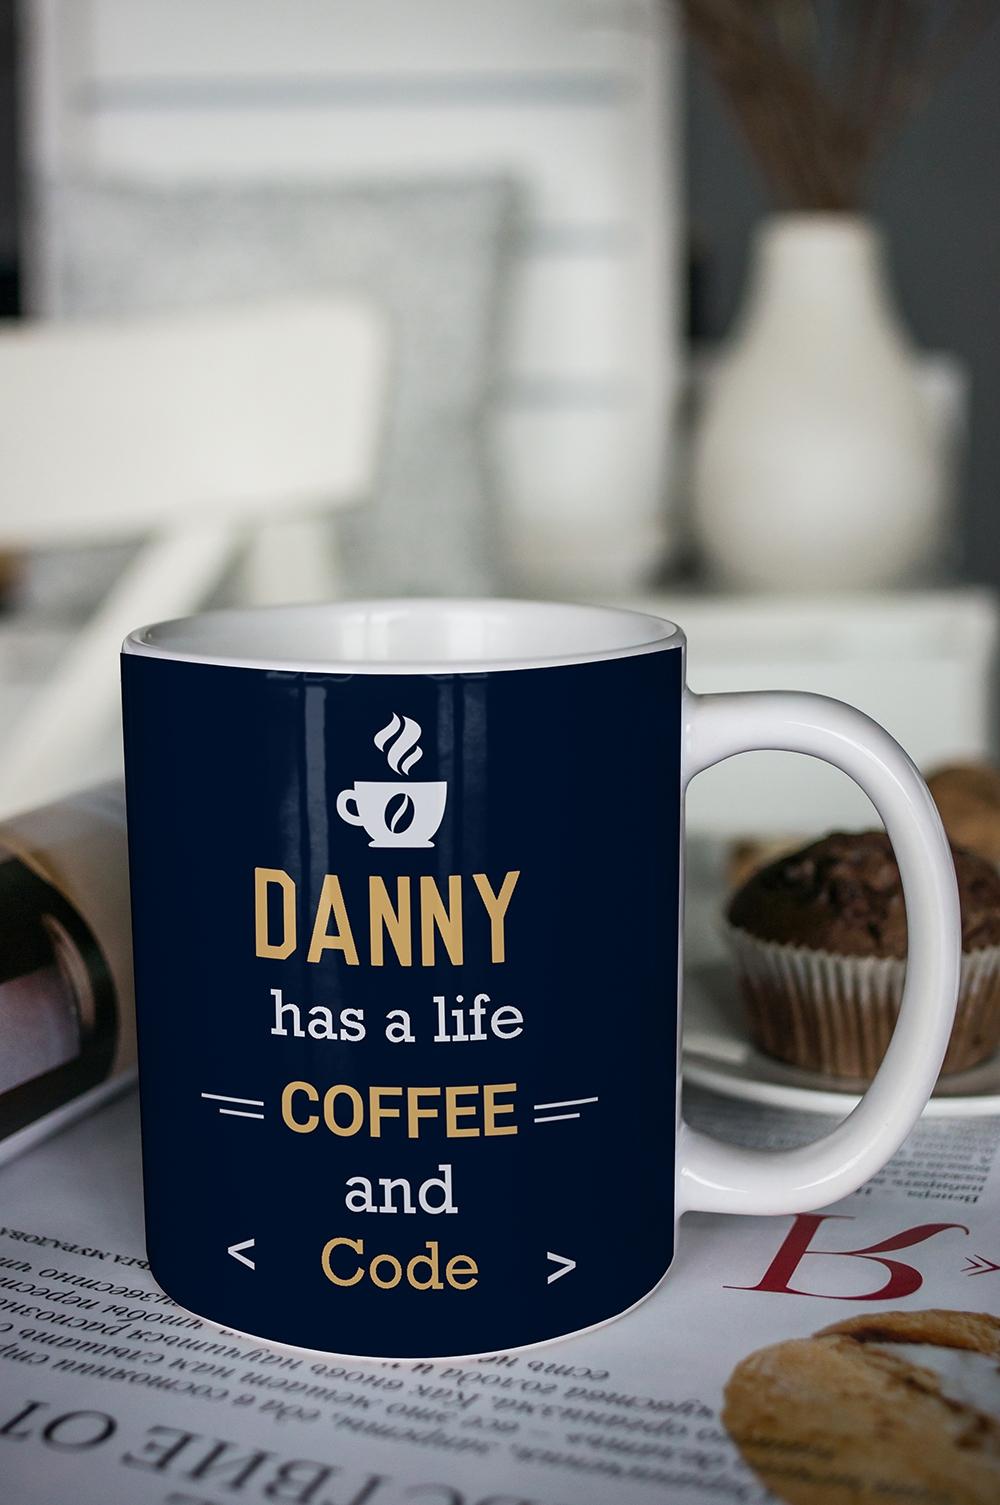 Кружка с вашим текстом Life and coffeeПосуда<br>Кружка с именем и эксклюзивным оформлением -стильный, красивый и оригинальный подарок для себя и друзей! Выберите понравившийся дизайн при помощи нашего конструктора, впишите имя и надпись – вот и готов незабываемый подарок! Размер: 310мл, Выс=9.5см. Материал: керамика<br>